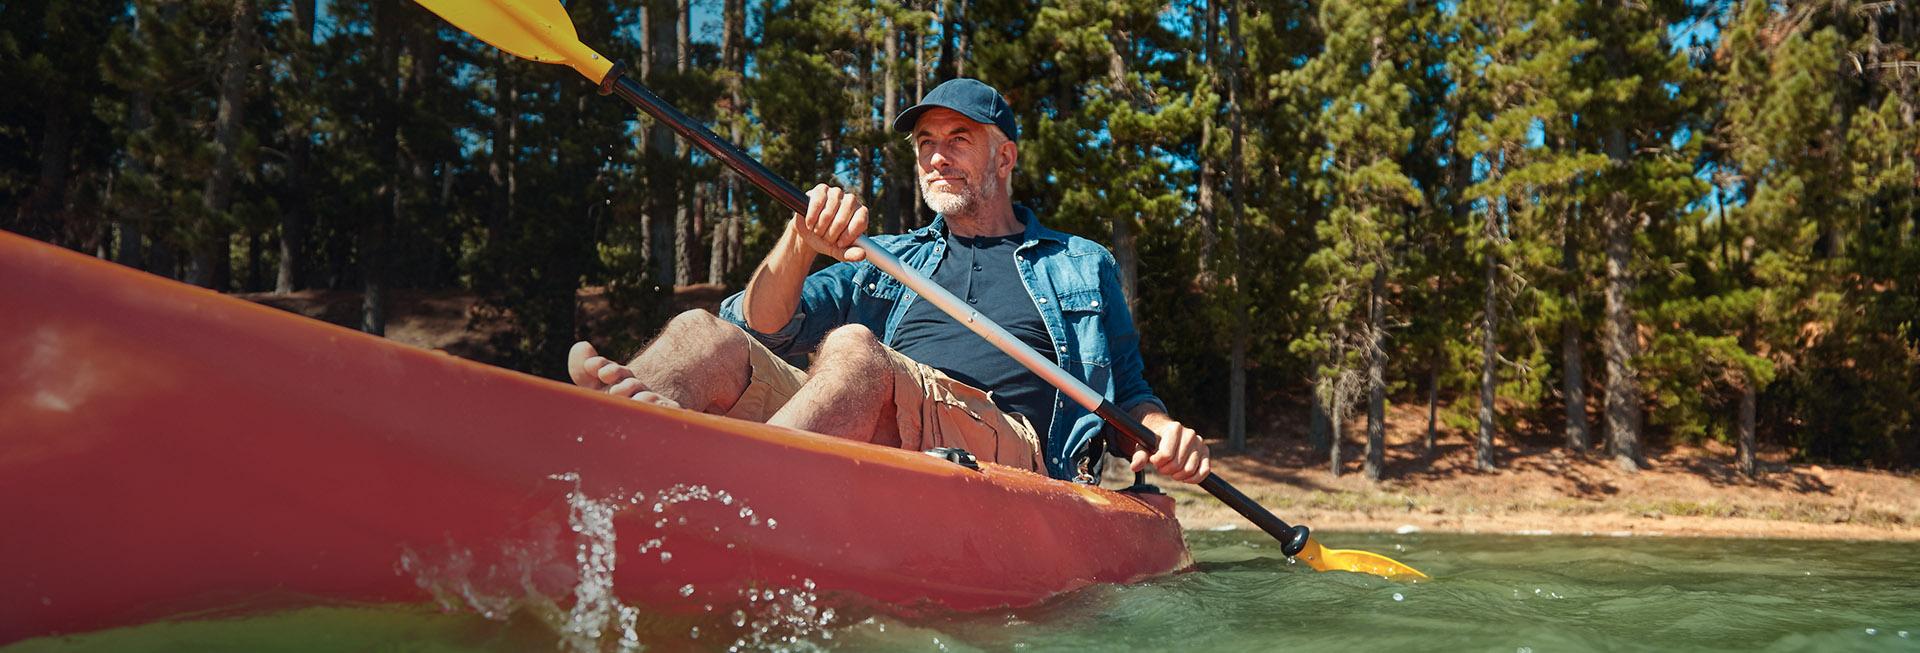 Samotny turysta płynący kajakiem po mazurskiej rzece, blisko brzegu porośniętego drzewami.